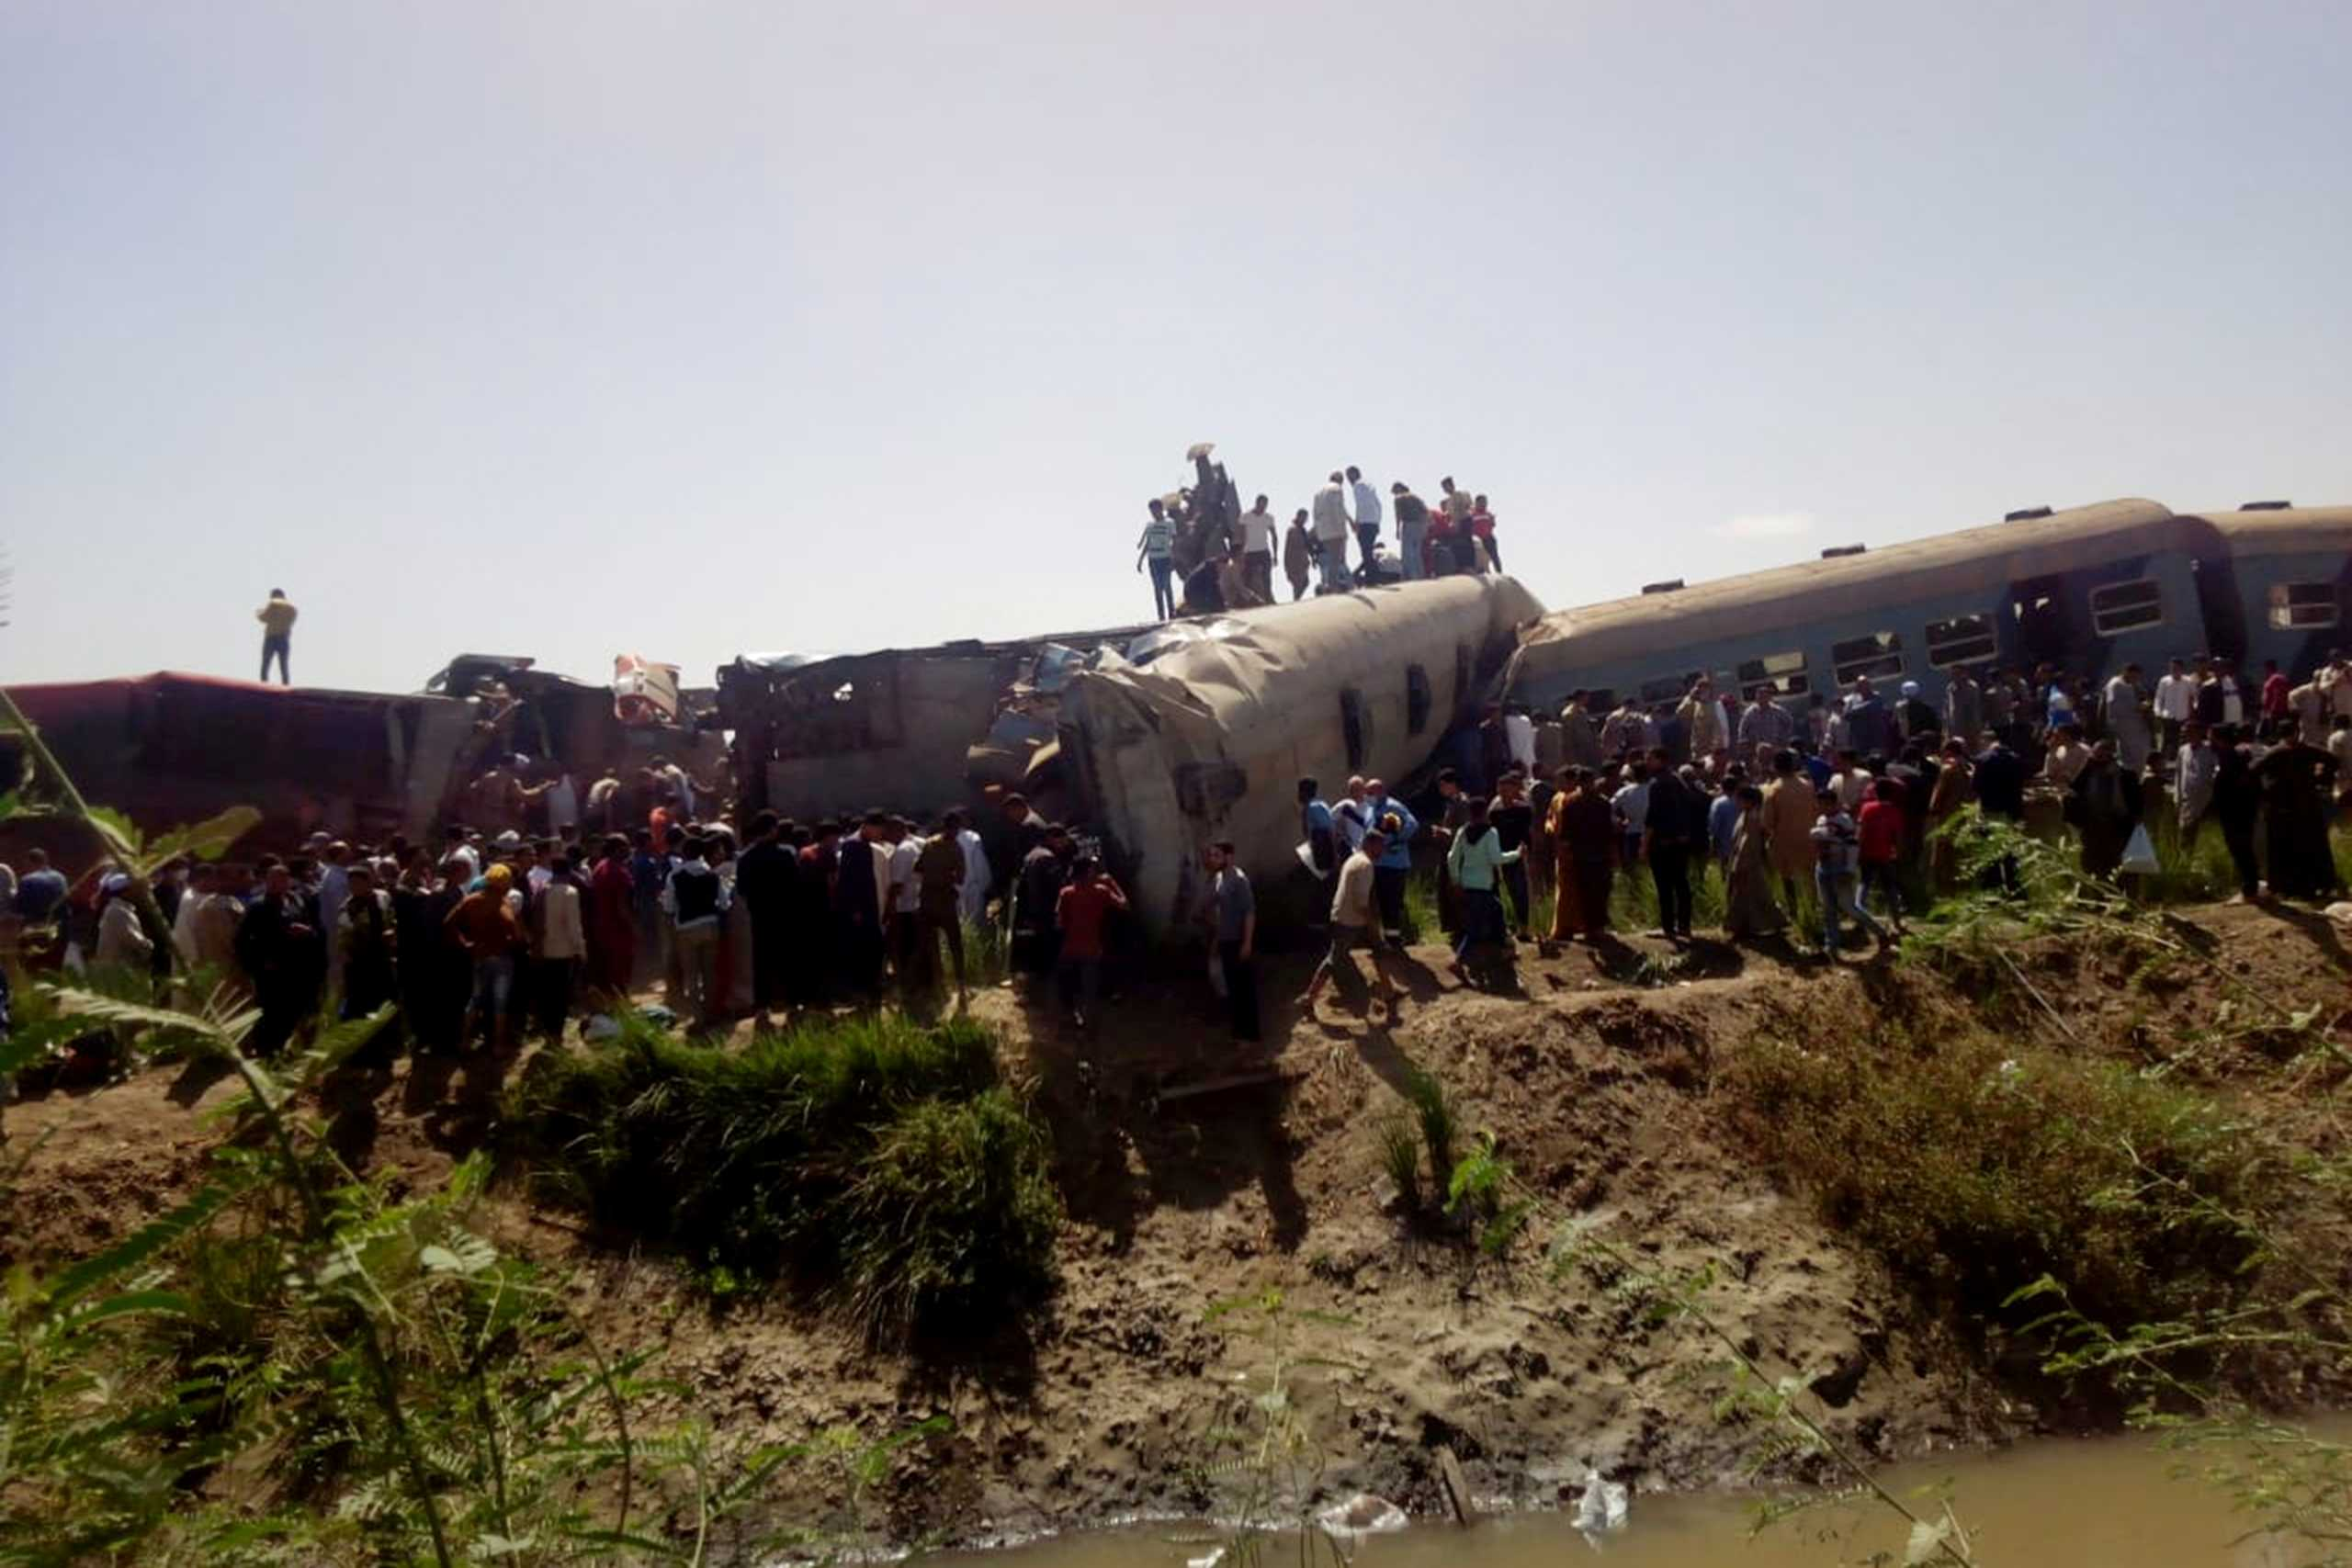 Σύγκρουση τρένων στην Αίγυπτο: Πώς έγινε το δυστύχημα με τους 32 νεκρούς (pics, vids)